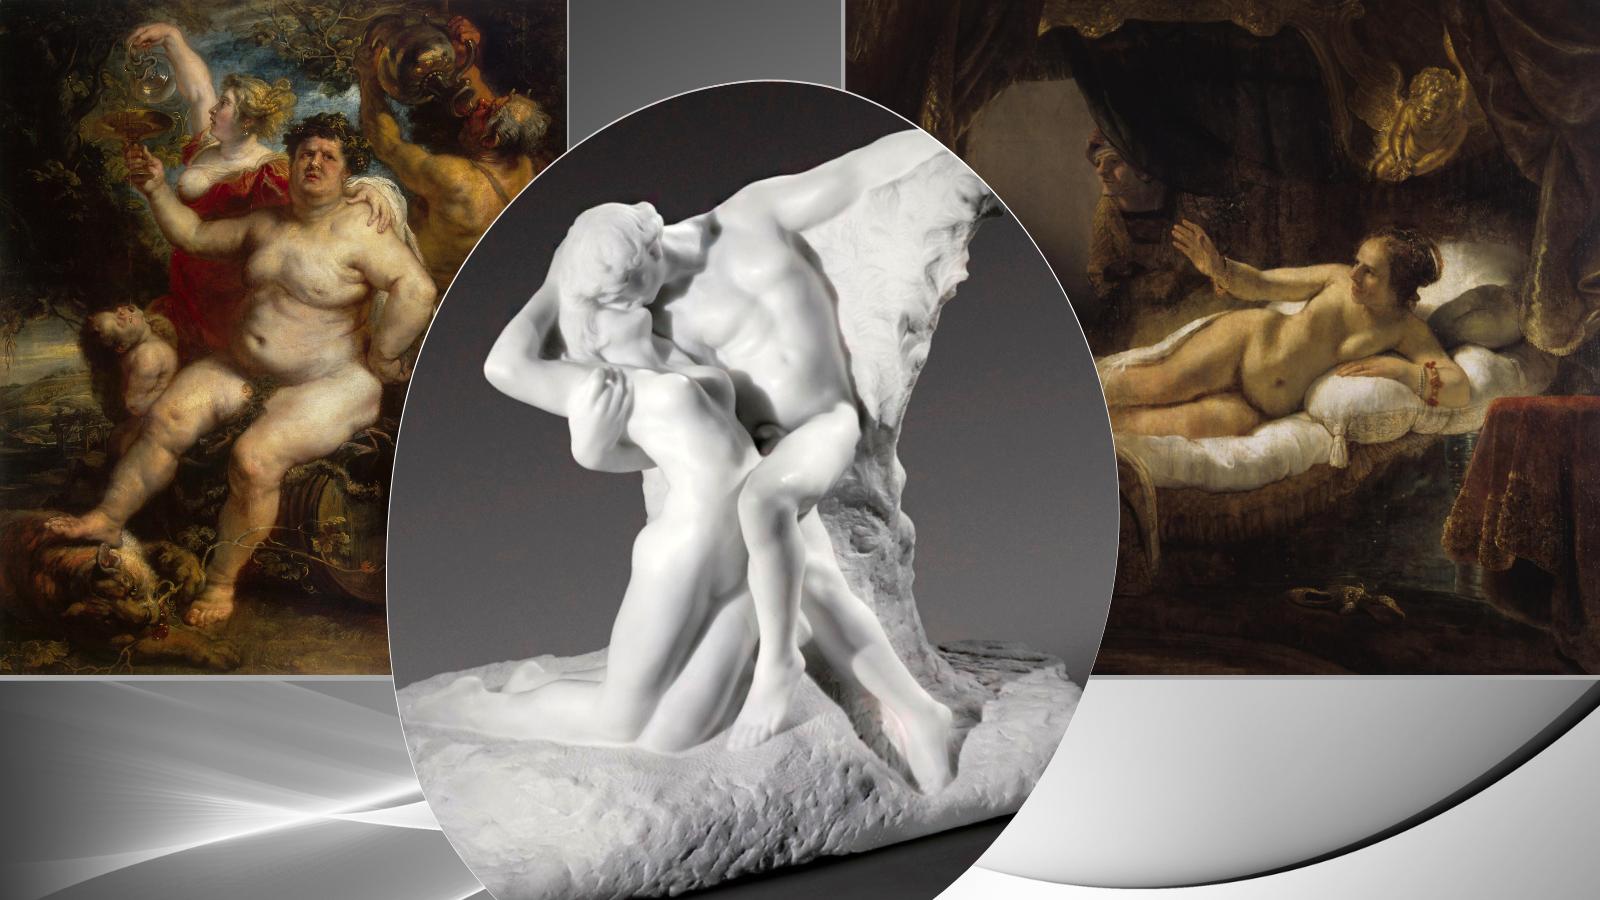 Рубенс, Роден, Рембрандт — искусство из категории «ХХХ»?